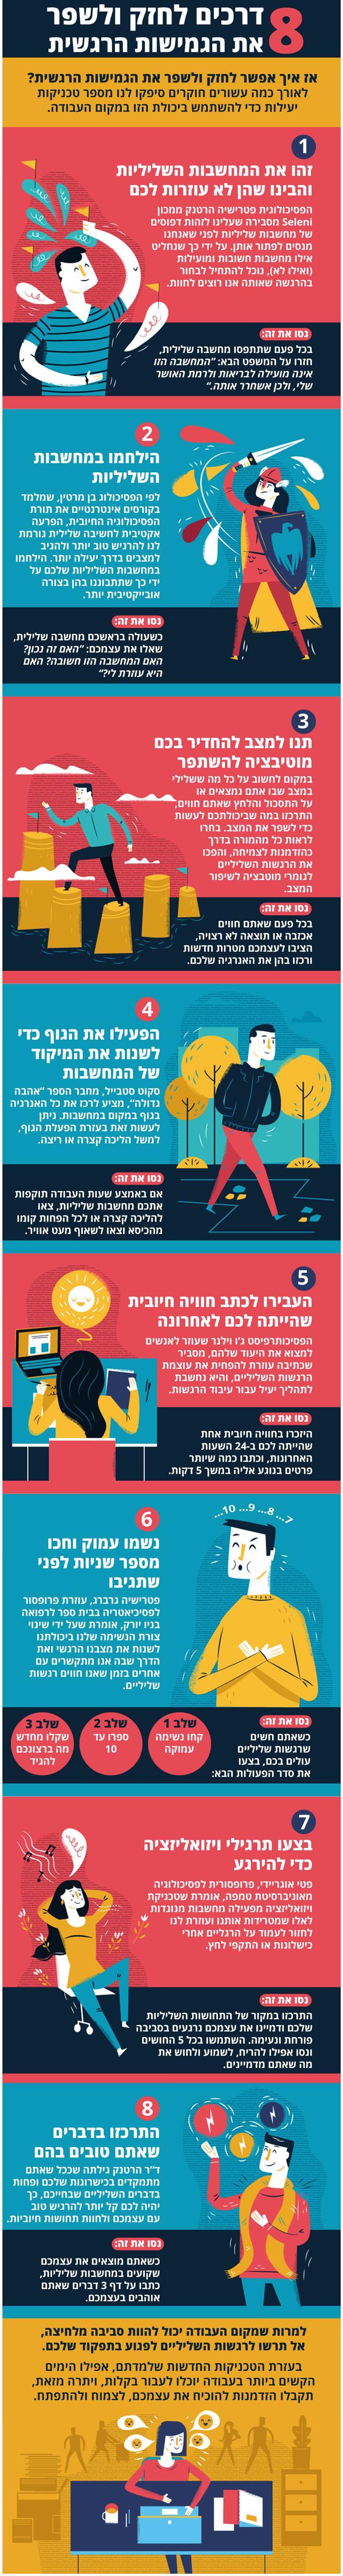 איך להתמודד עם מחשבות ורגשות שליליים בעבודה